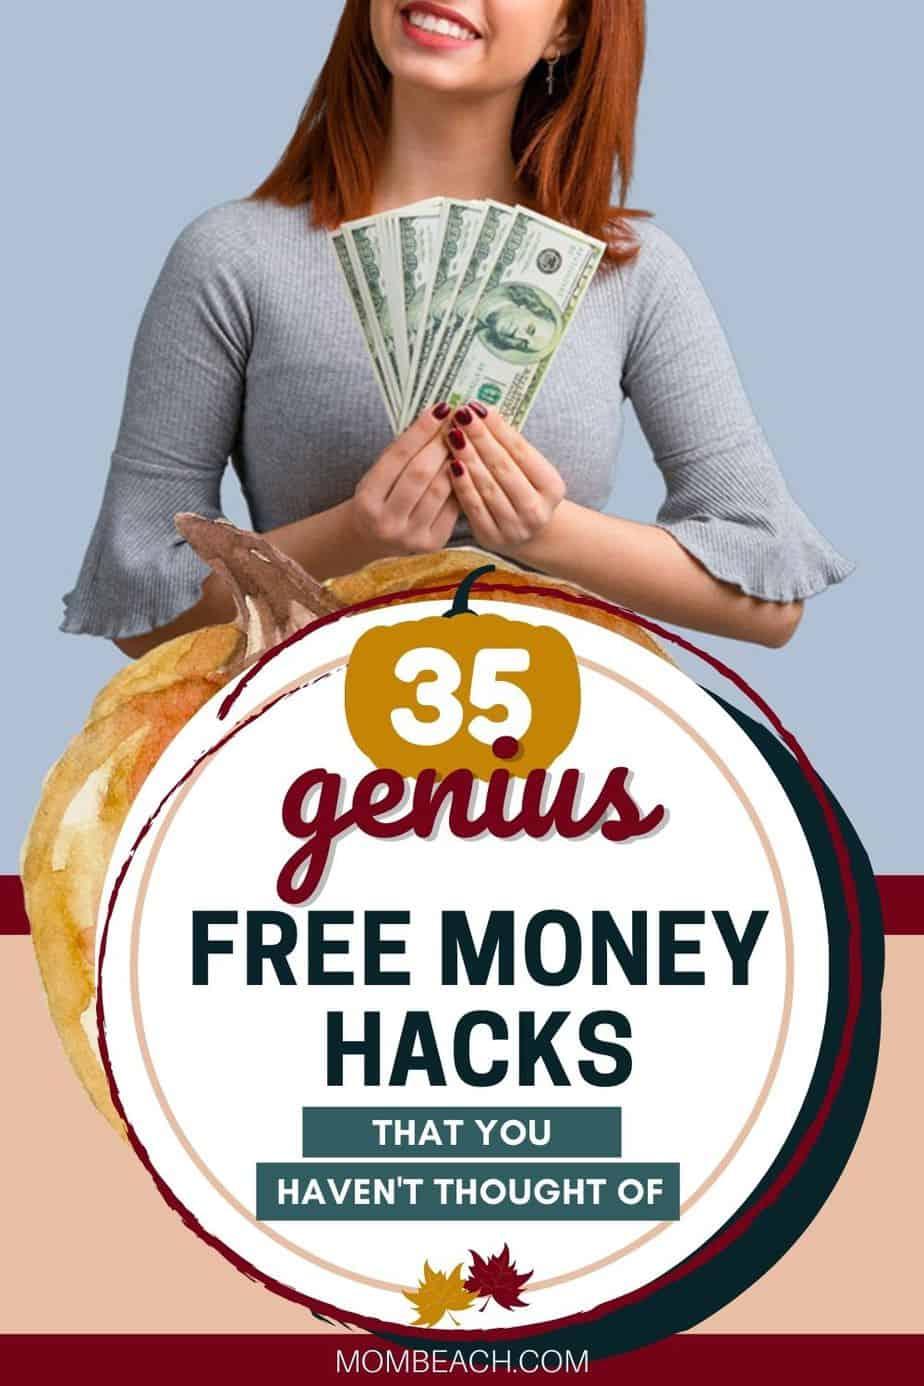 ¡No creerás estos increíbles trucos de dinero gratis! Empiece a ganar dinero gratis ahora en su casa. Gana ahora en tu tiempo libre. Obtener dinero gratis es fácil y simple y para principiantes. Es muy fácil enviar dinero a su cuenta de Paypal. #freemoneyhacks #freemoney #moneyhacks #moneytips